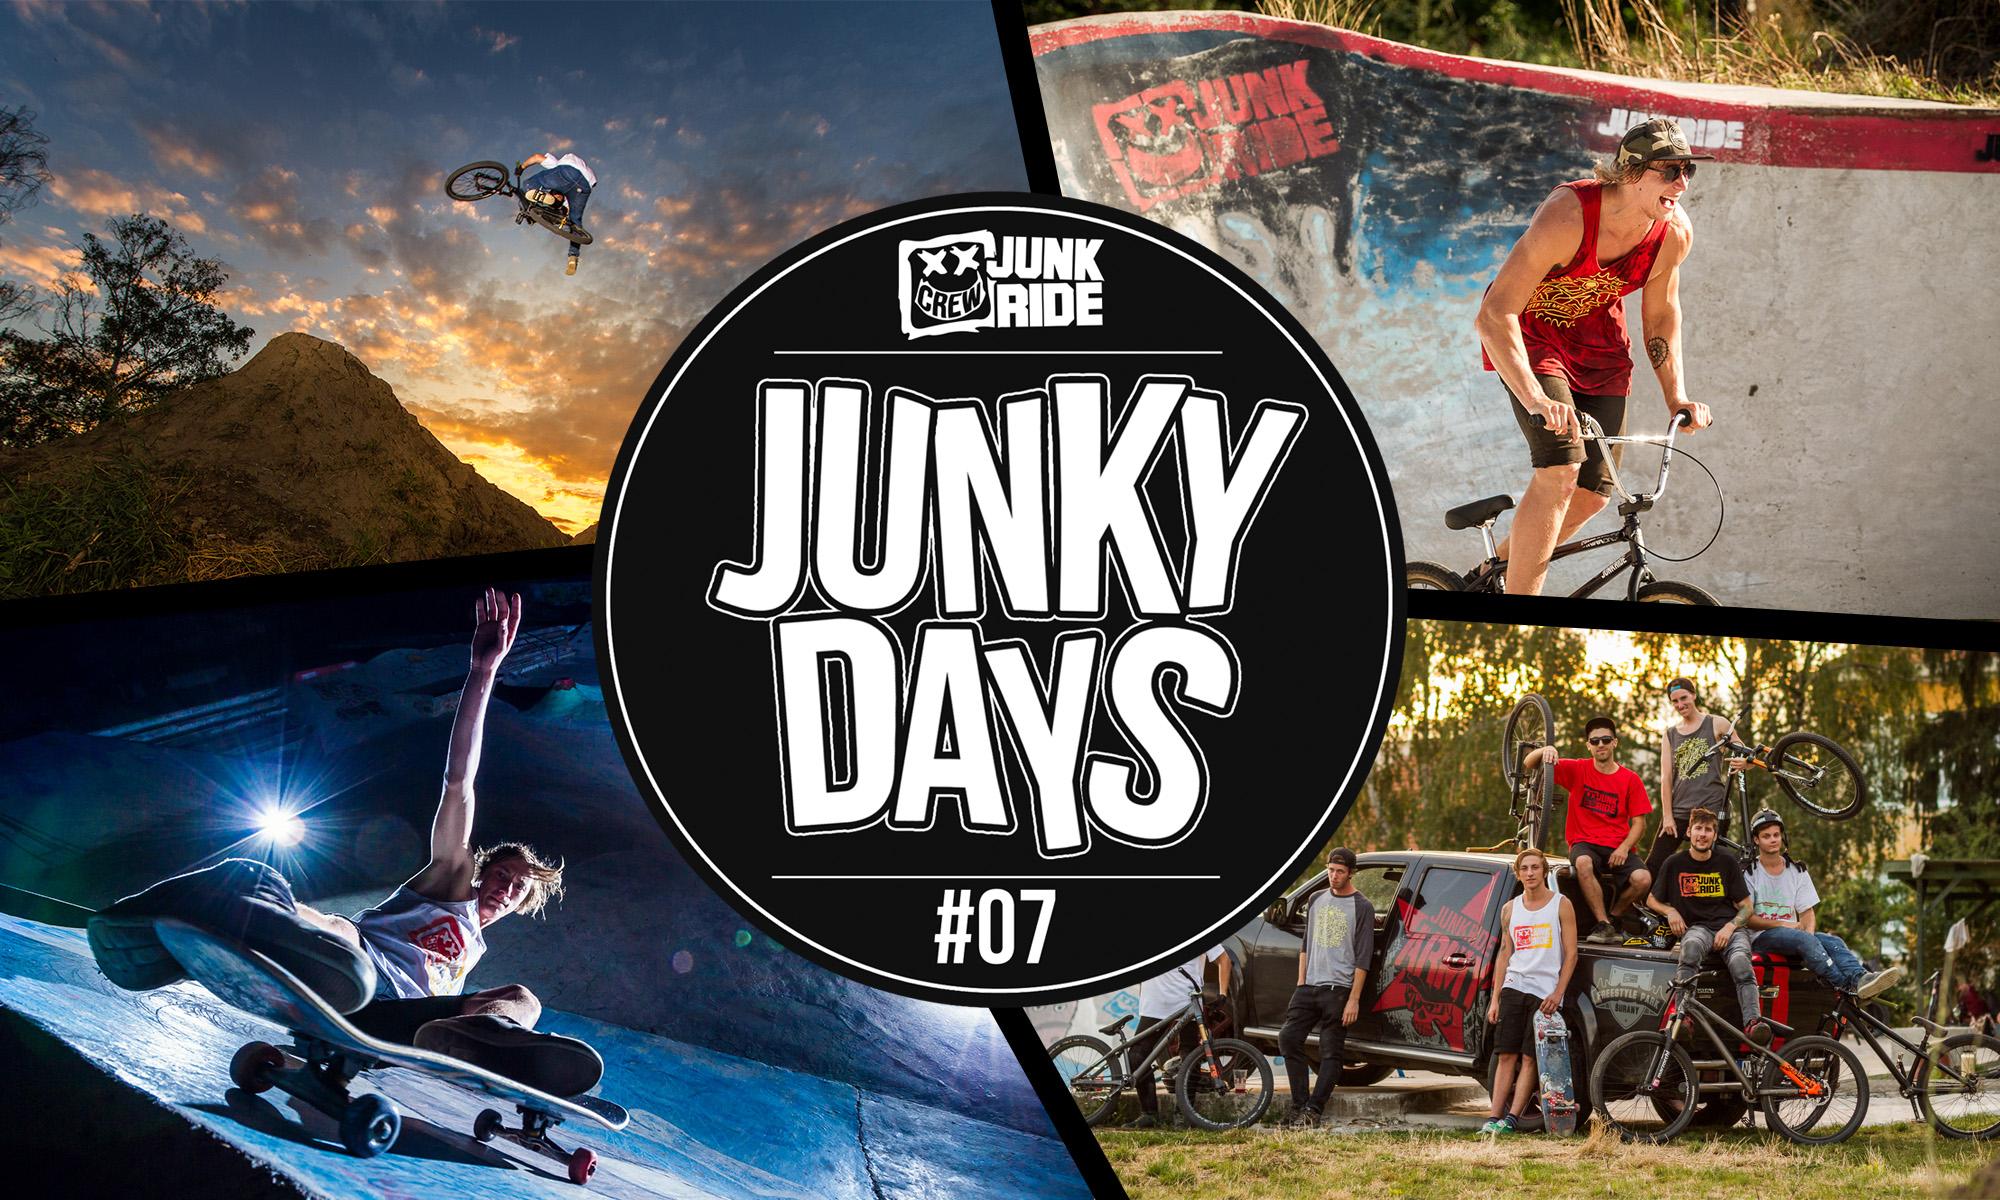 Junky days 07